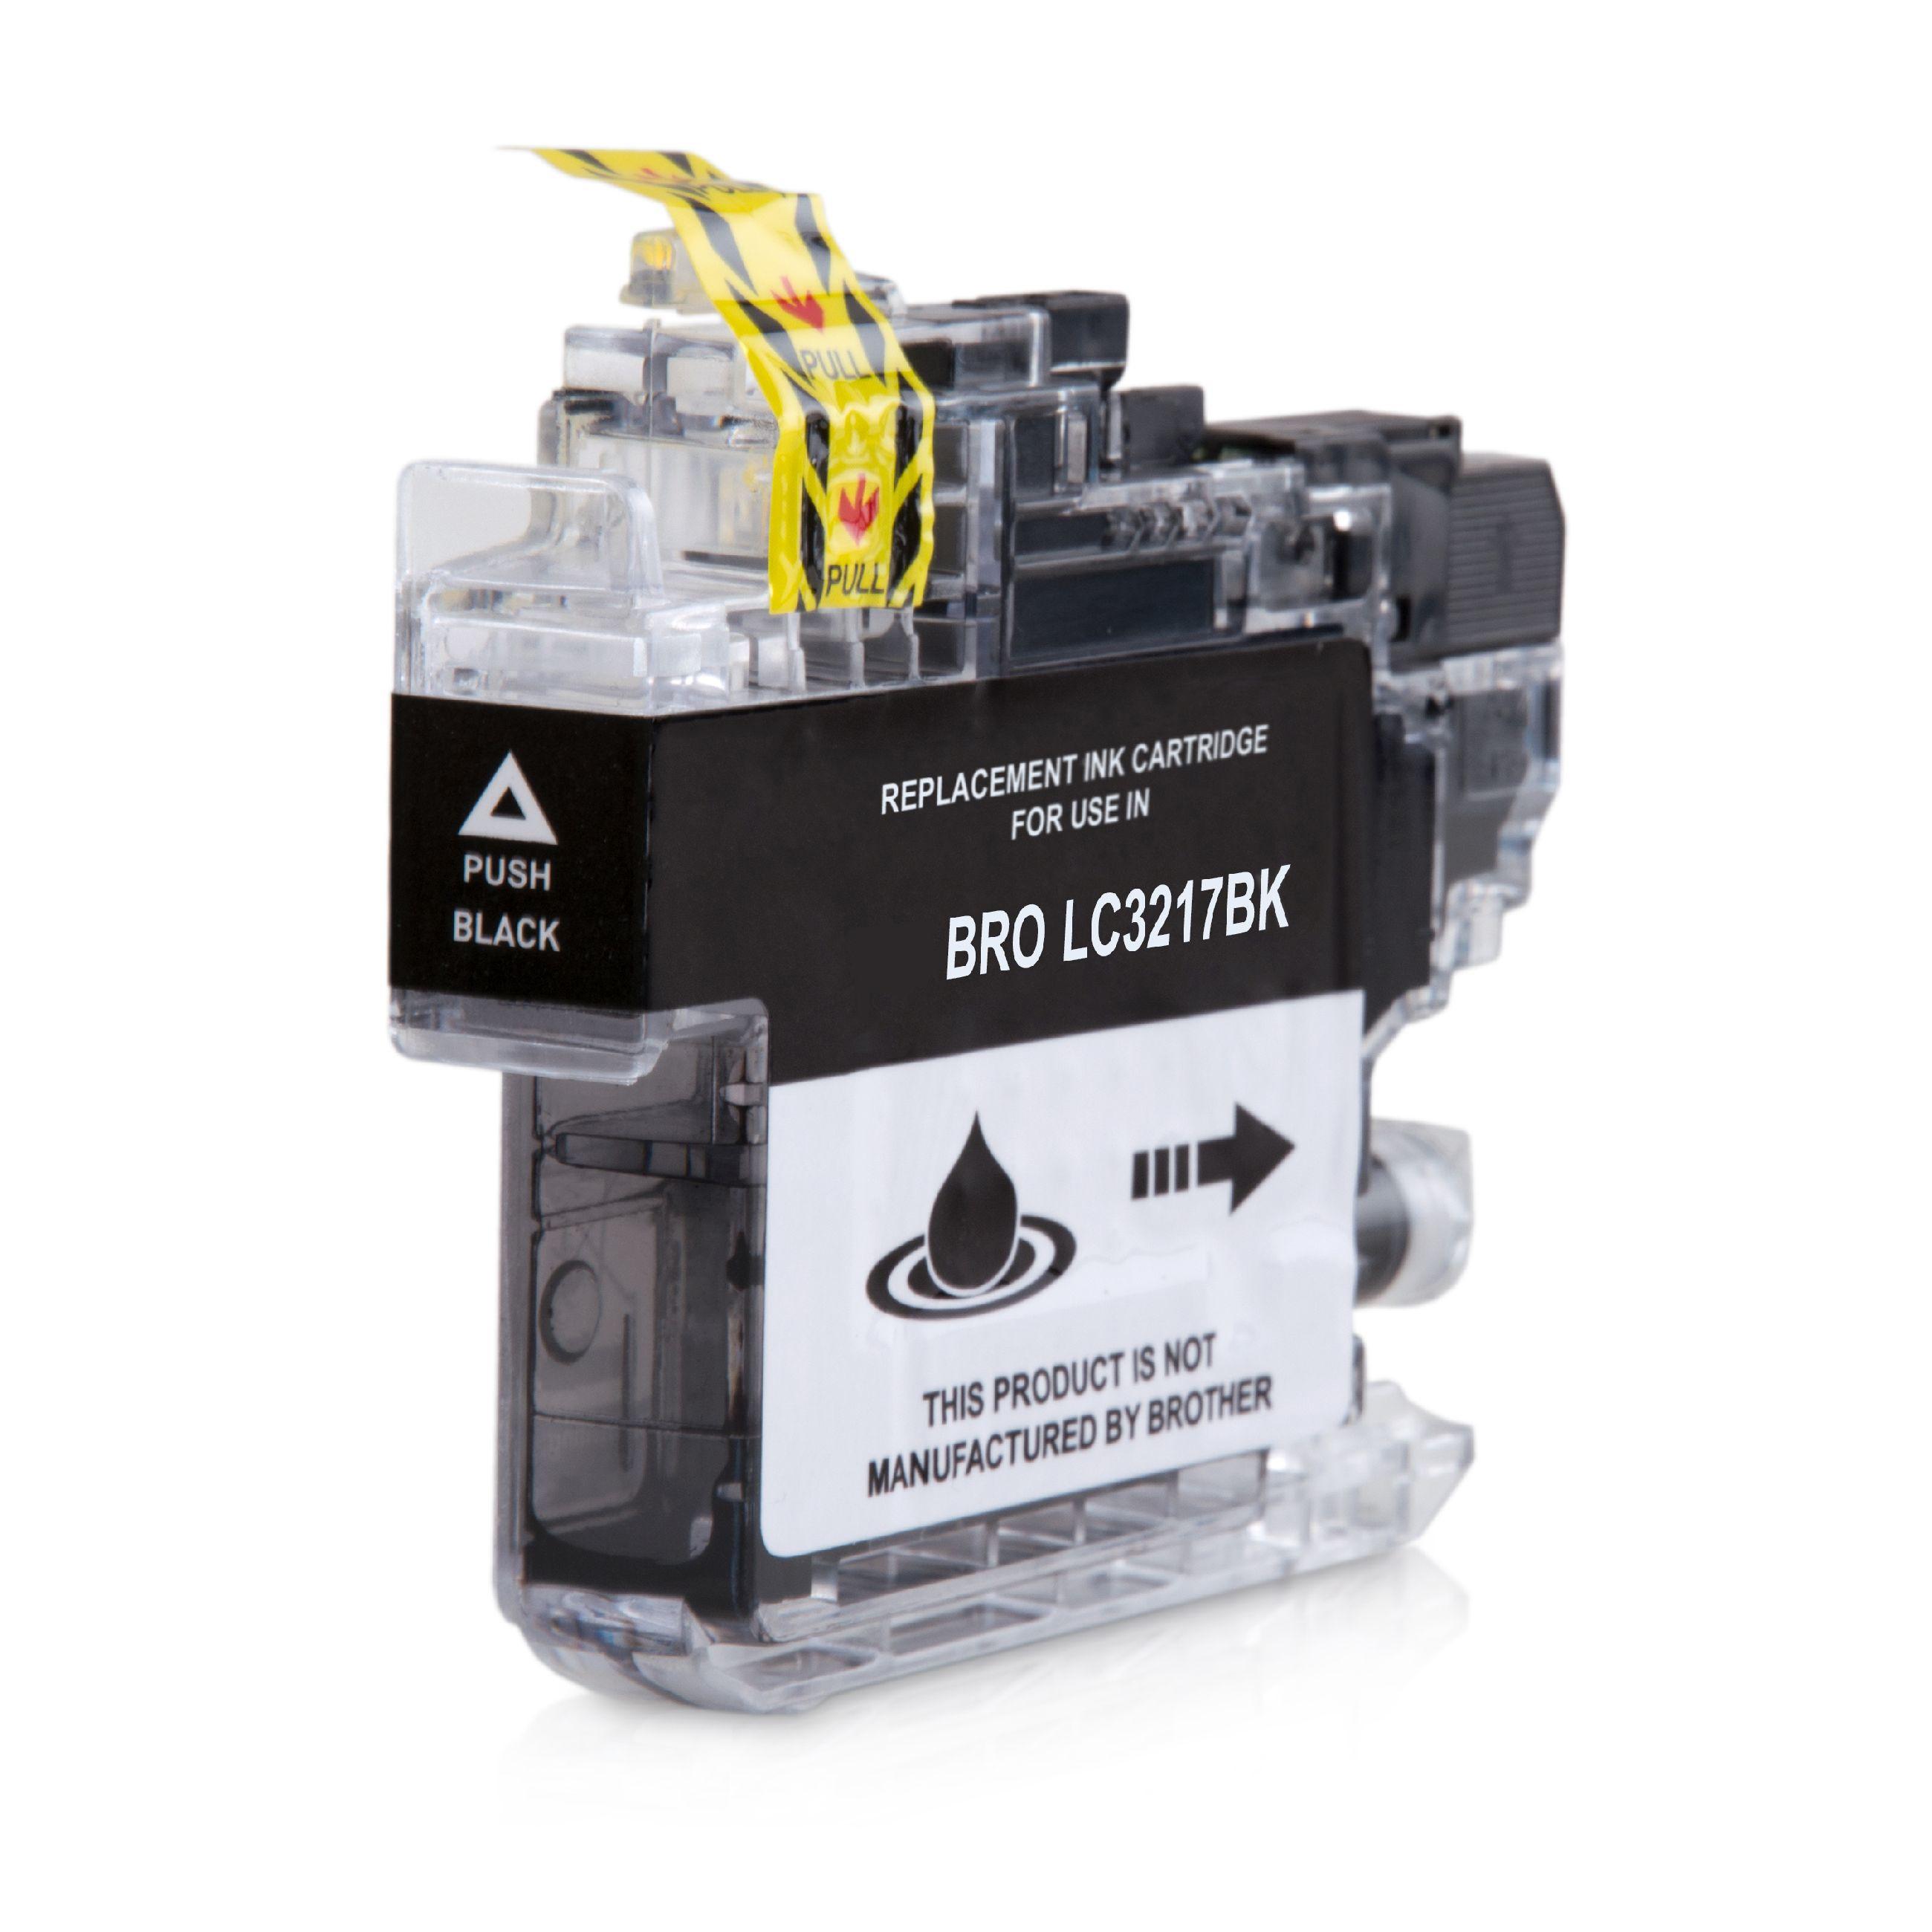 Bild fuer den Artikel IC-BRO3217bk: Alternativ-Tinte BROTHER LC-3217BK in schwarz